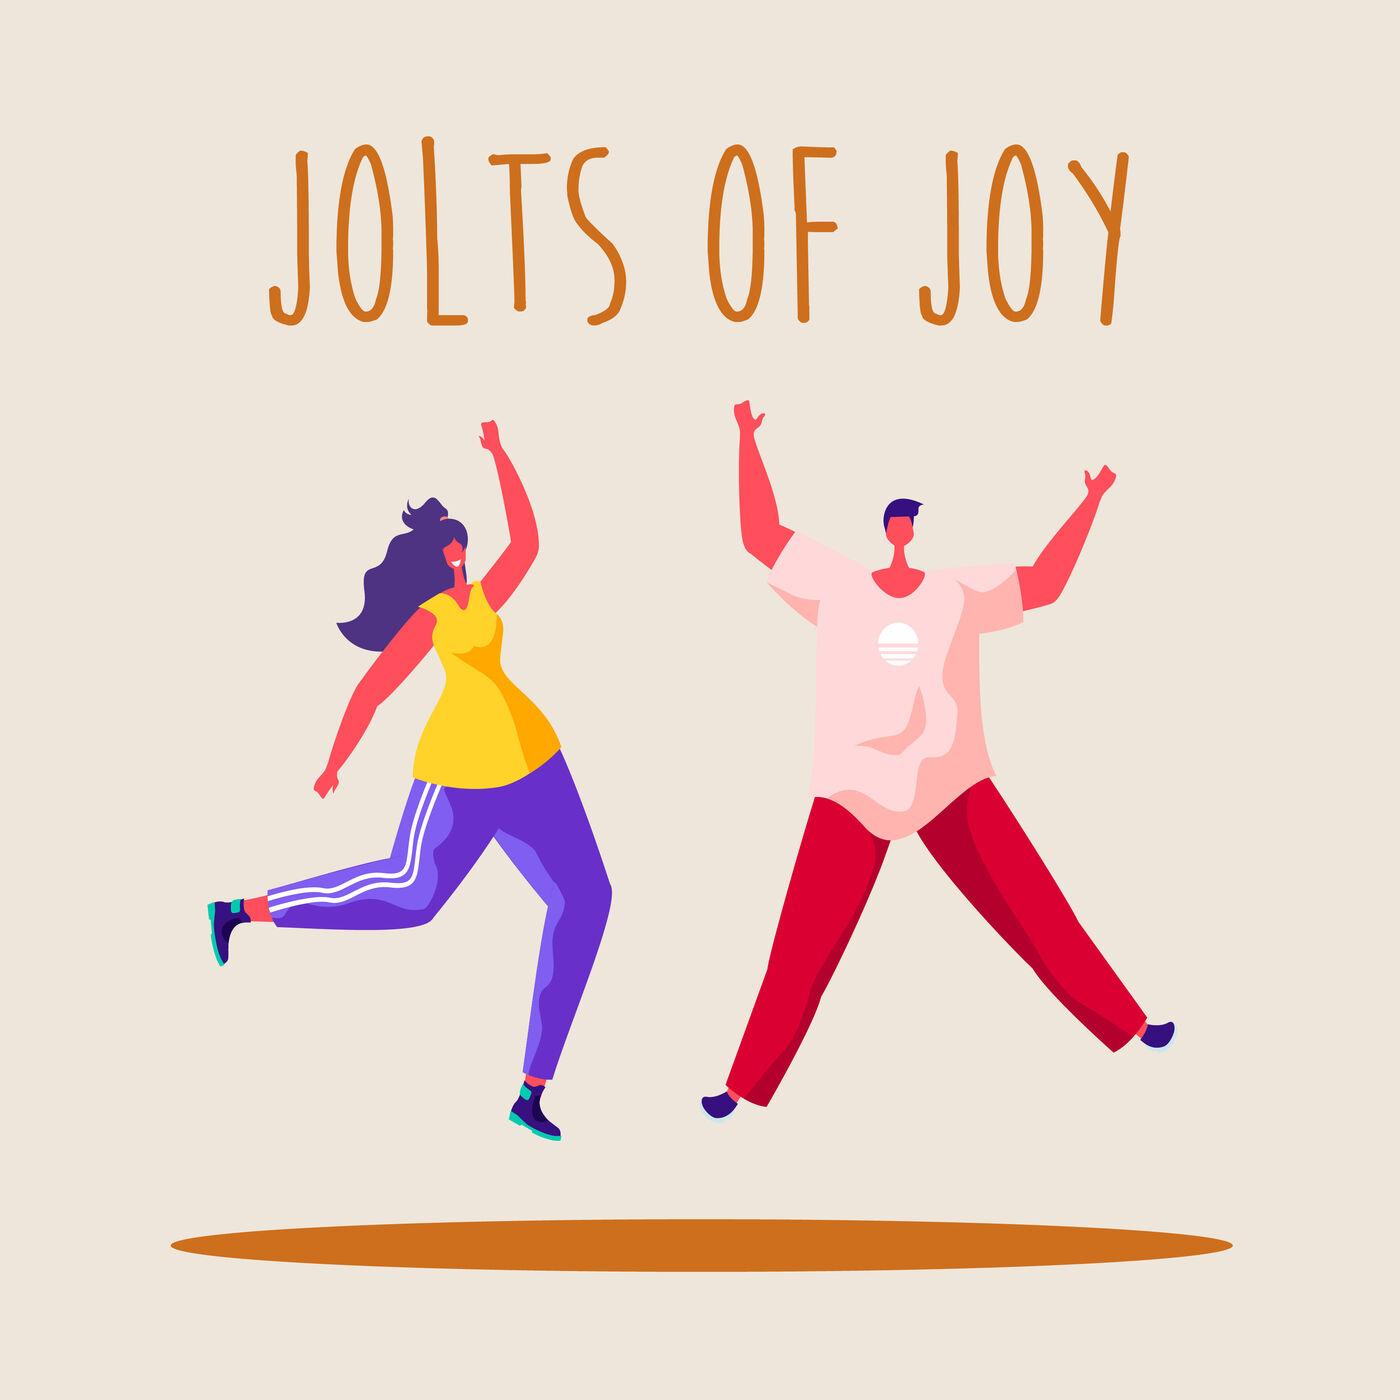 12@12: Jolts of Joy